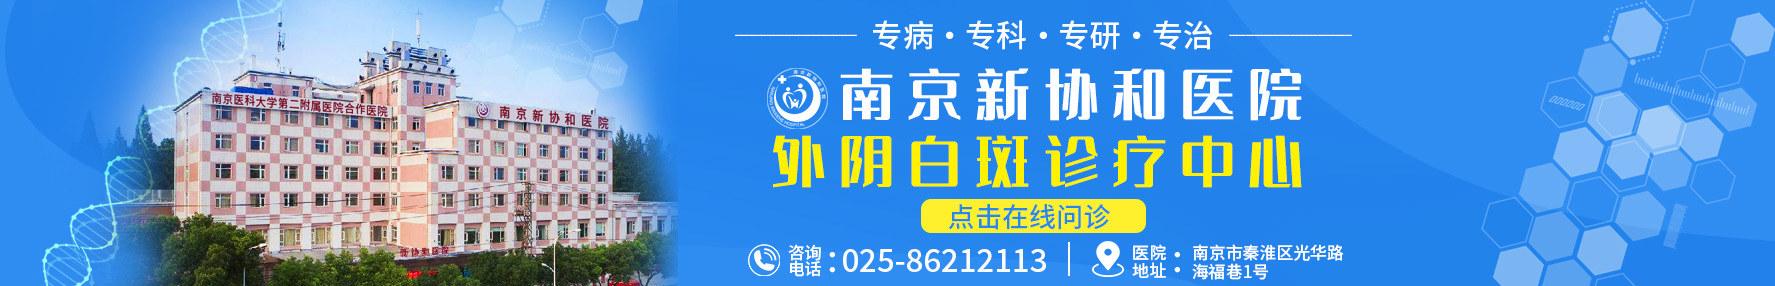 南京外阴白斑医院